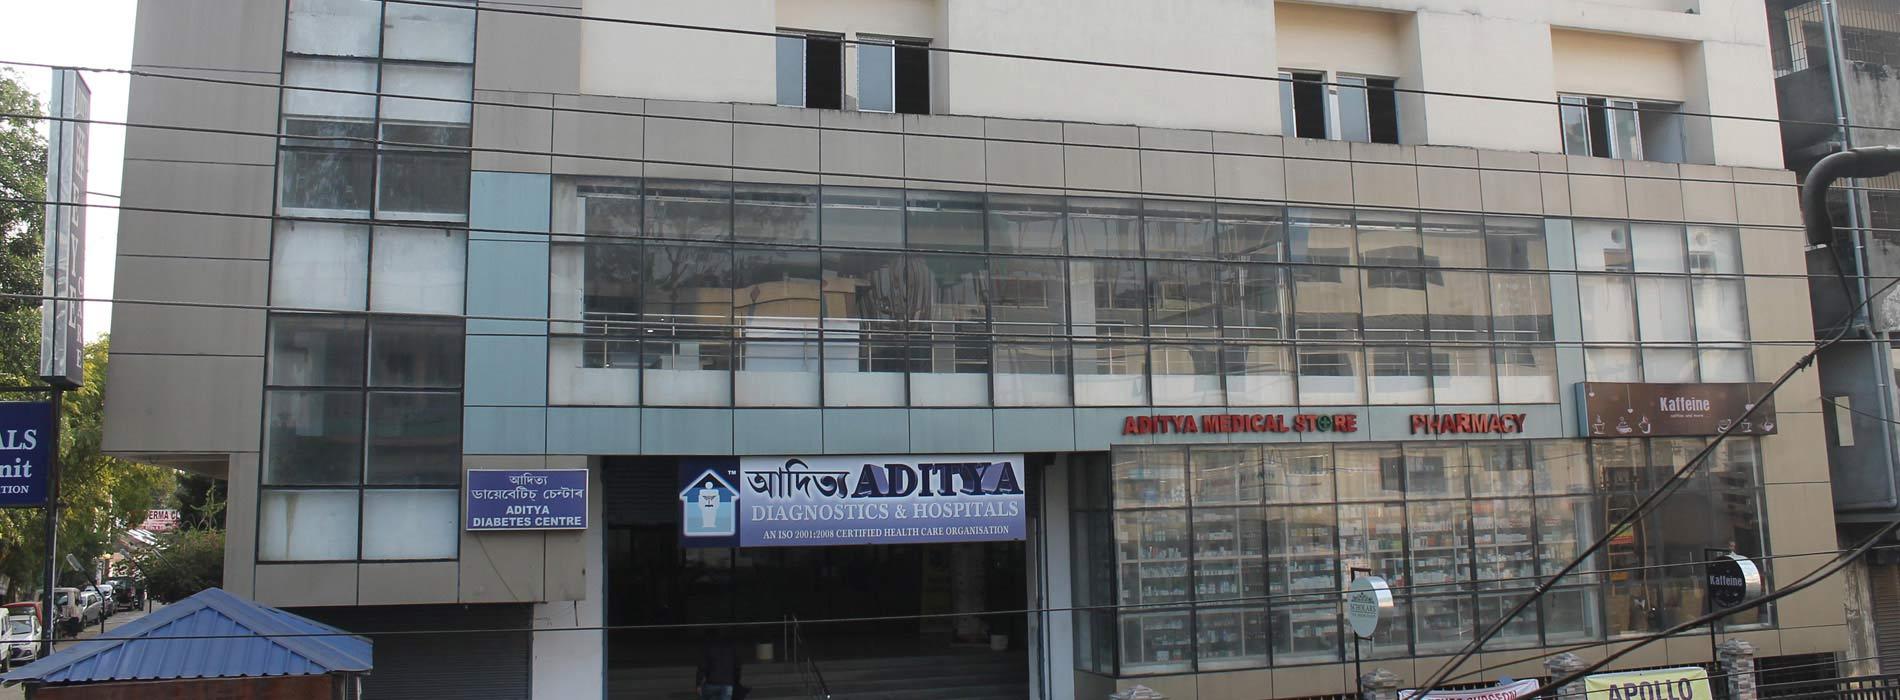 AdityaHospitals-sl-04